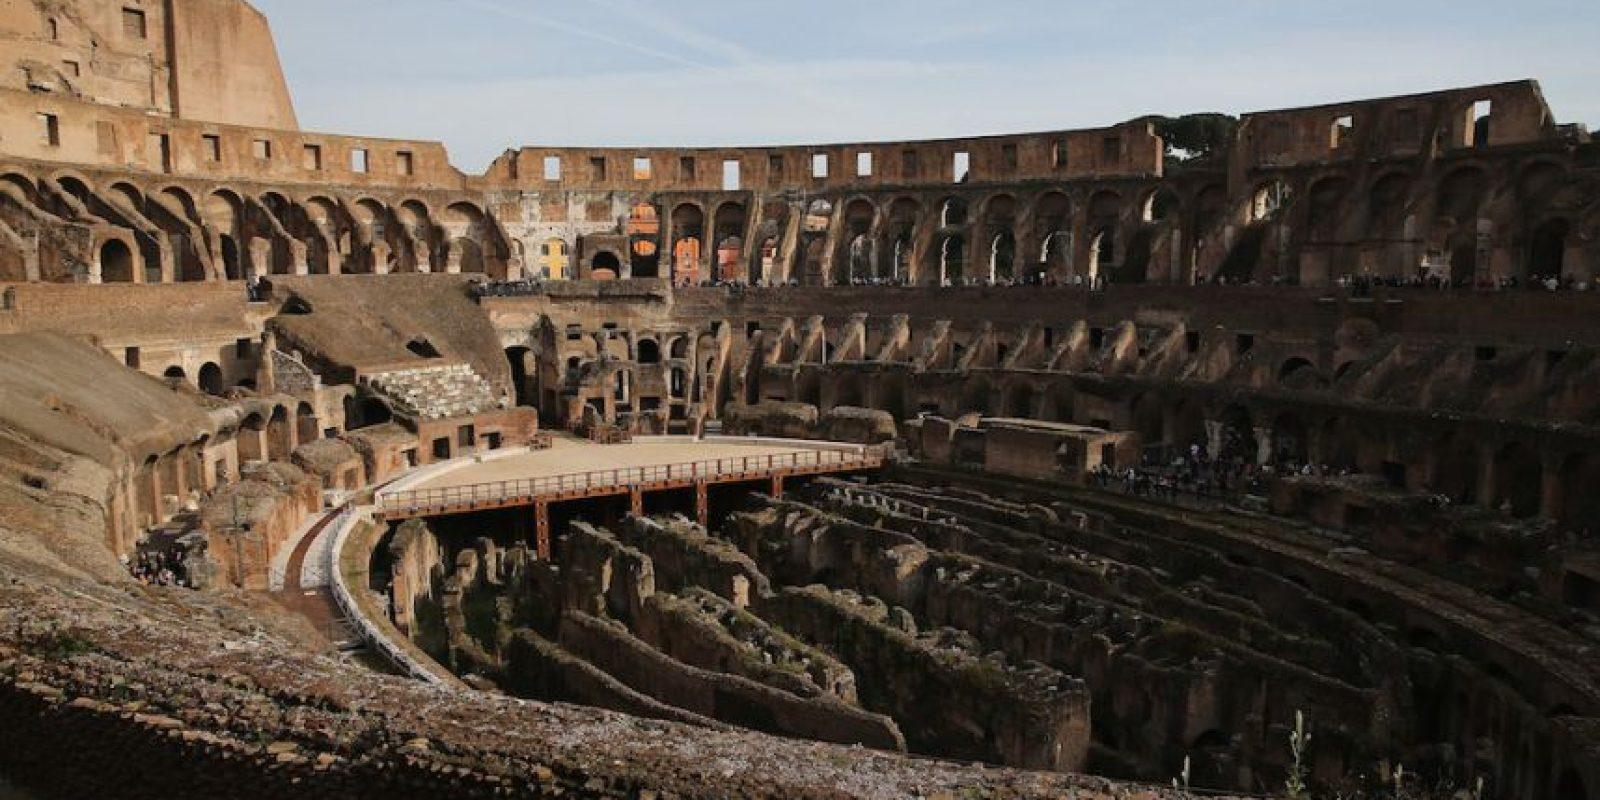 Las autoridades italianas desean evitar daños al histórico lugar y a los visitantes. Foto:Getty Images